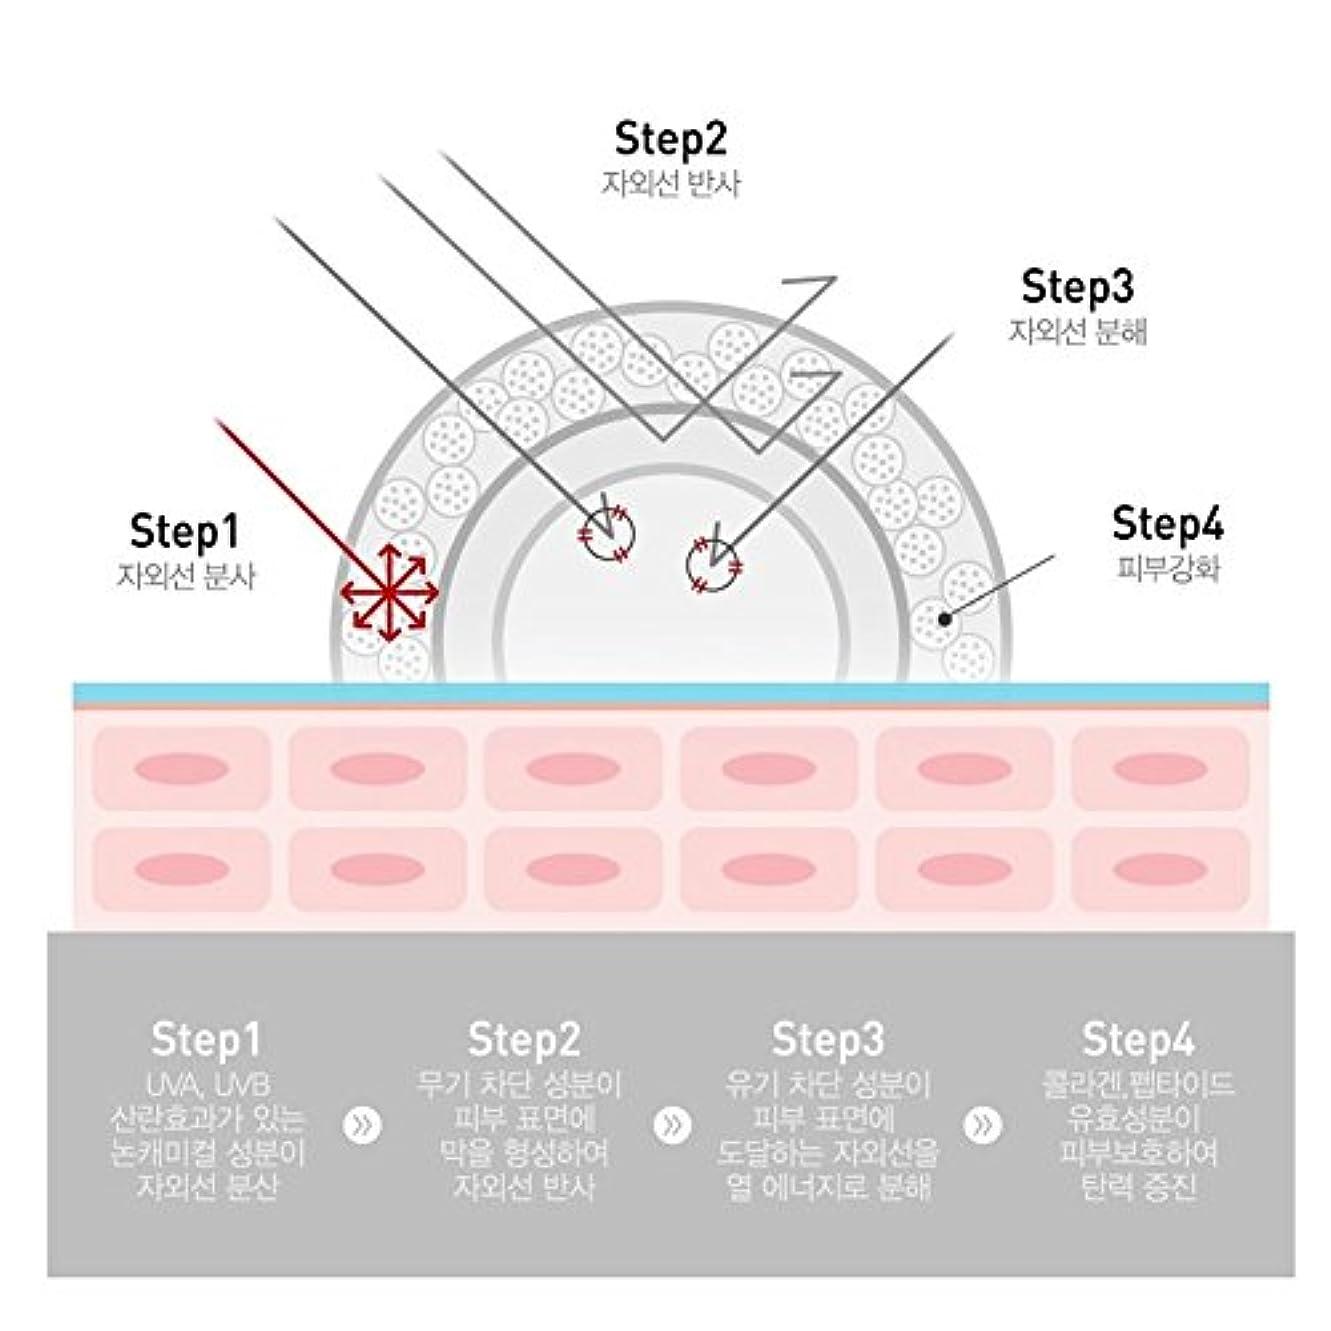 瞳促す法律によりセルピュチョンCレーザーサンスクリーン100(SPF50+/PA+++)50ml、Cell Fusion C Laser Sunscreen 100 (SPF50+ / PA+++) 50ml [並行輸入品]